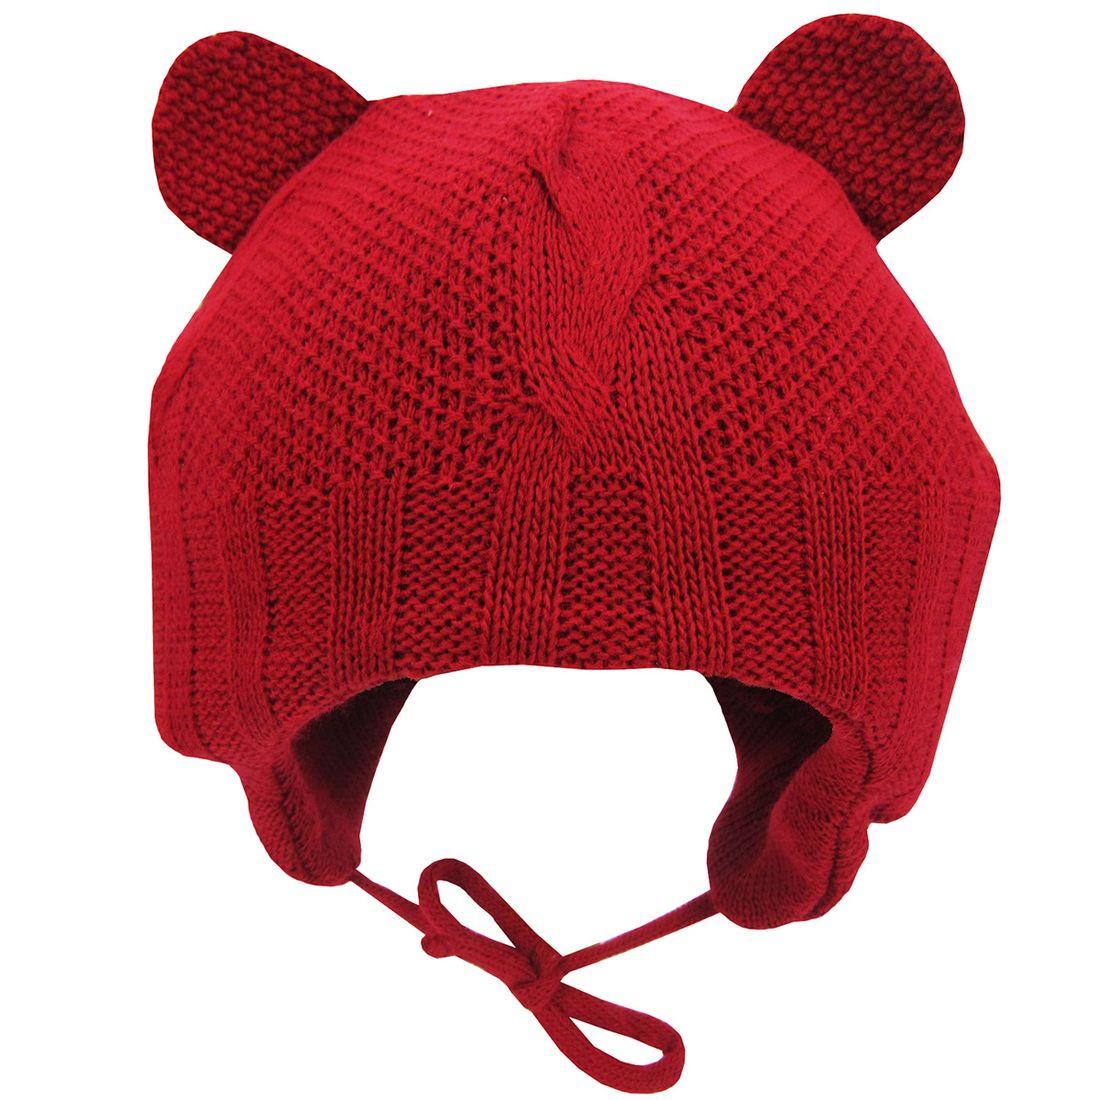 Touca Bebê Unissex Vermelha com Proteção para Orelha - poetique fb6dc68c7c0